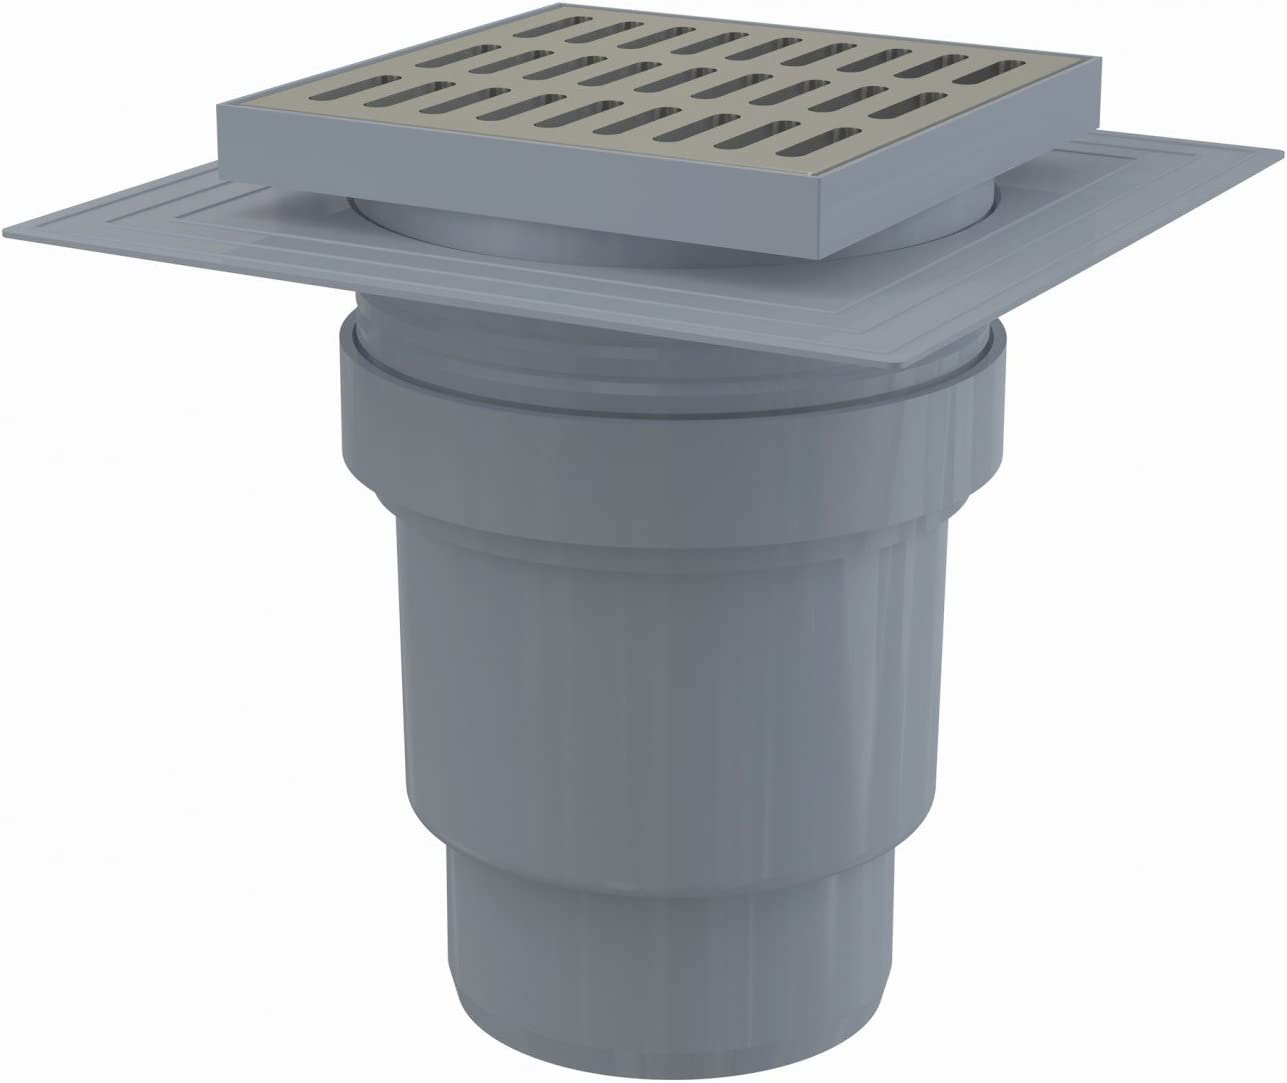 deux niveaux d/'isolation siphon humide sortie verticale collerette grille inox 150x150//110 mm Siphon de sol en plastique